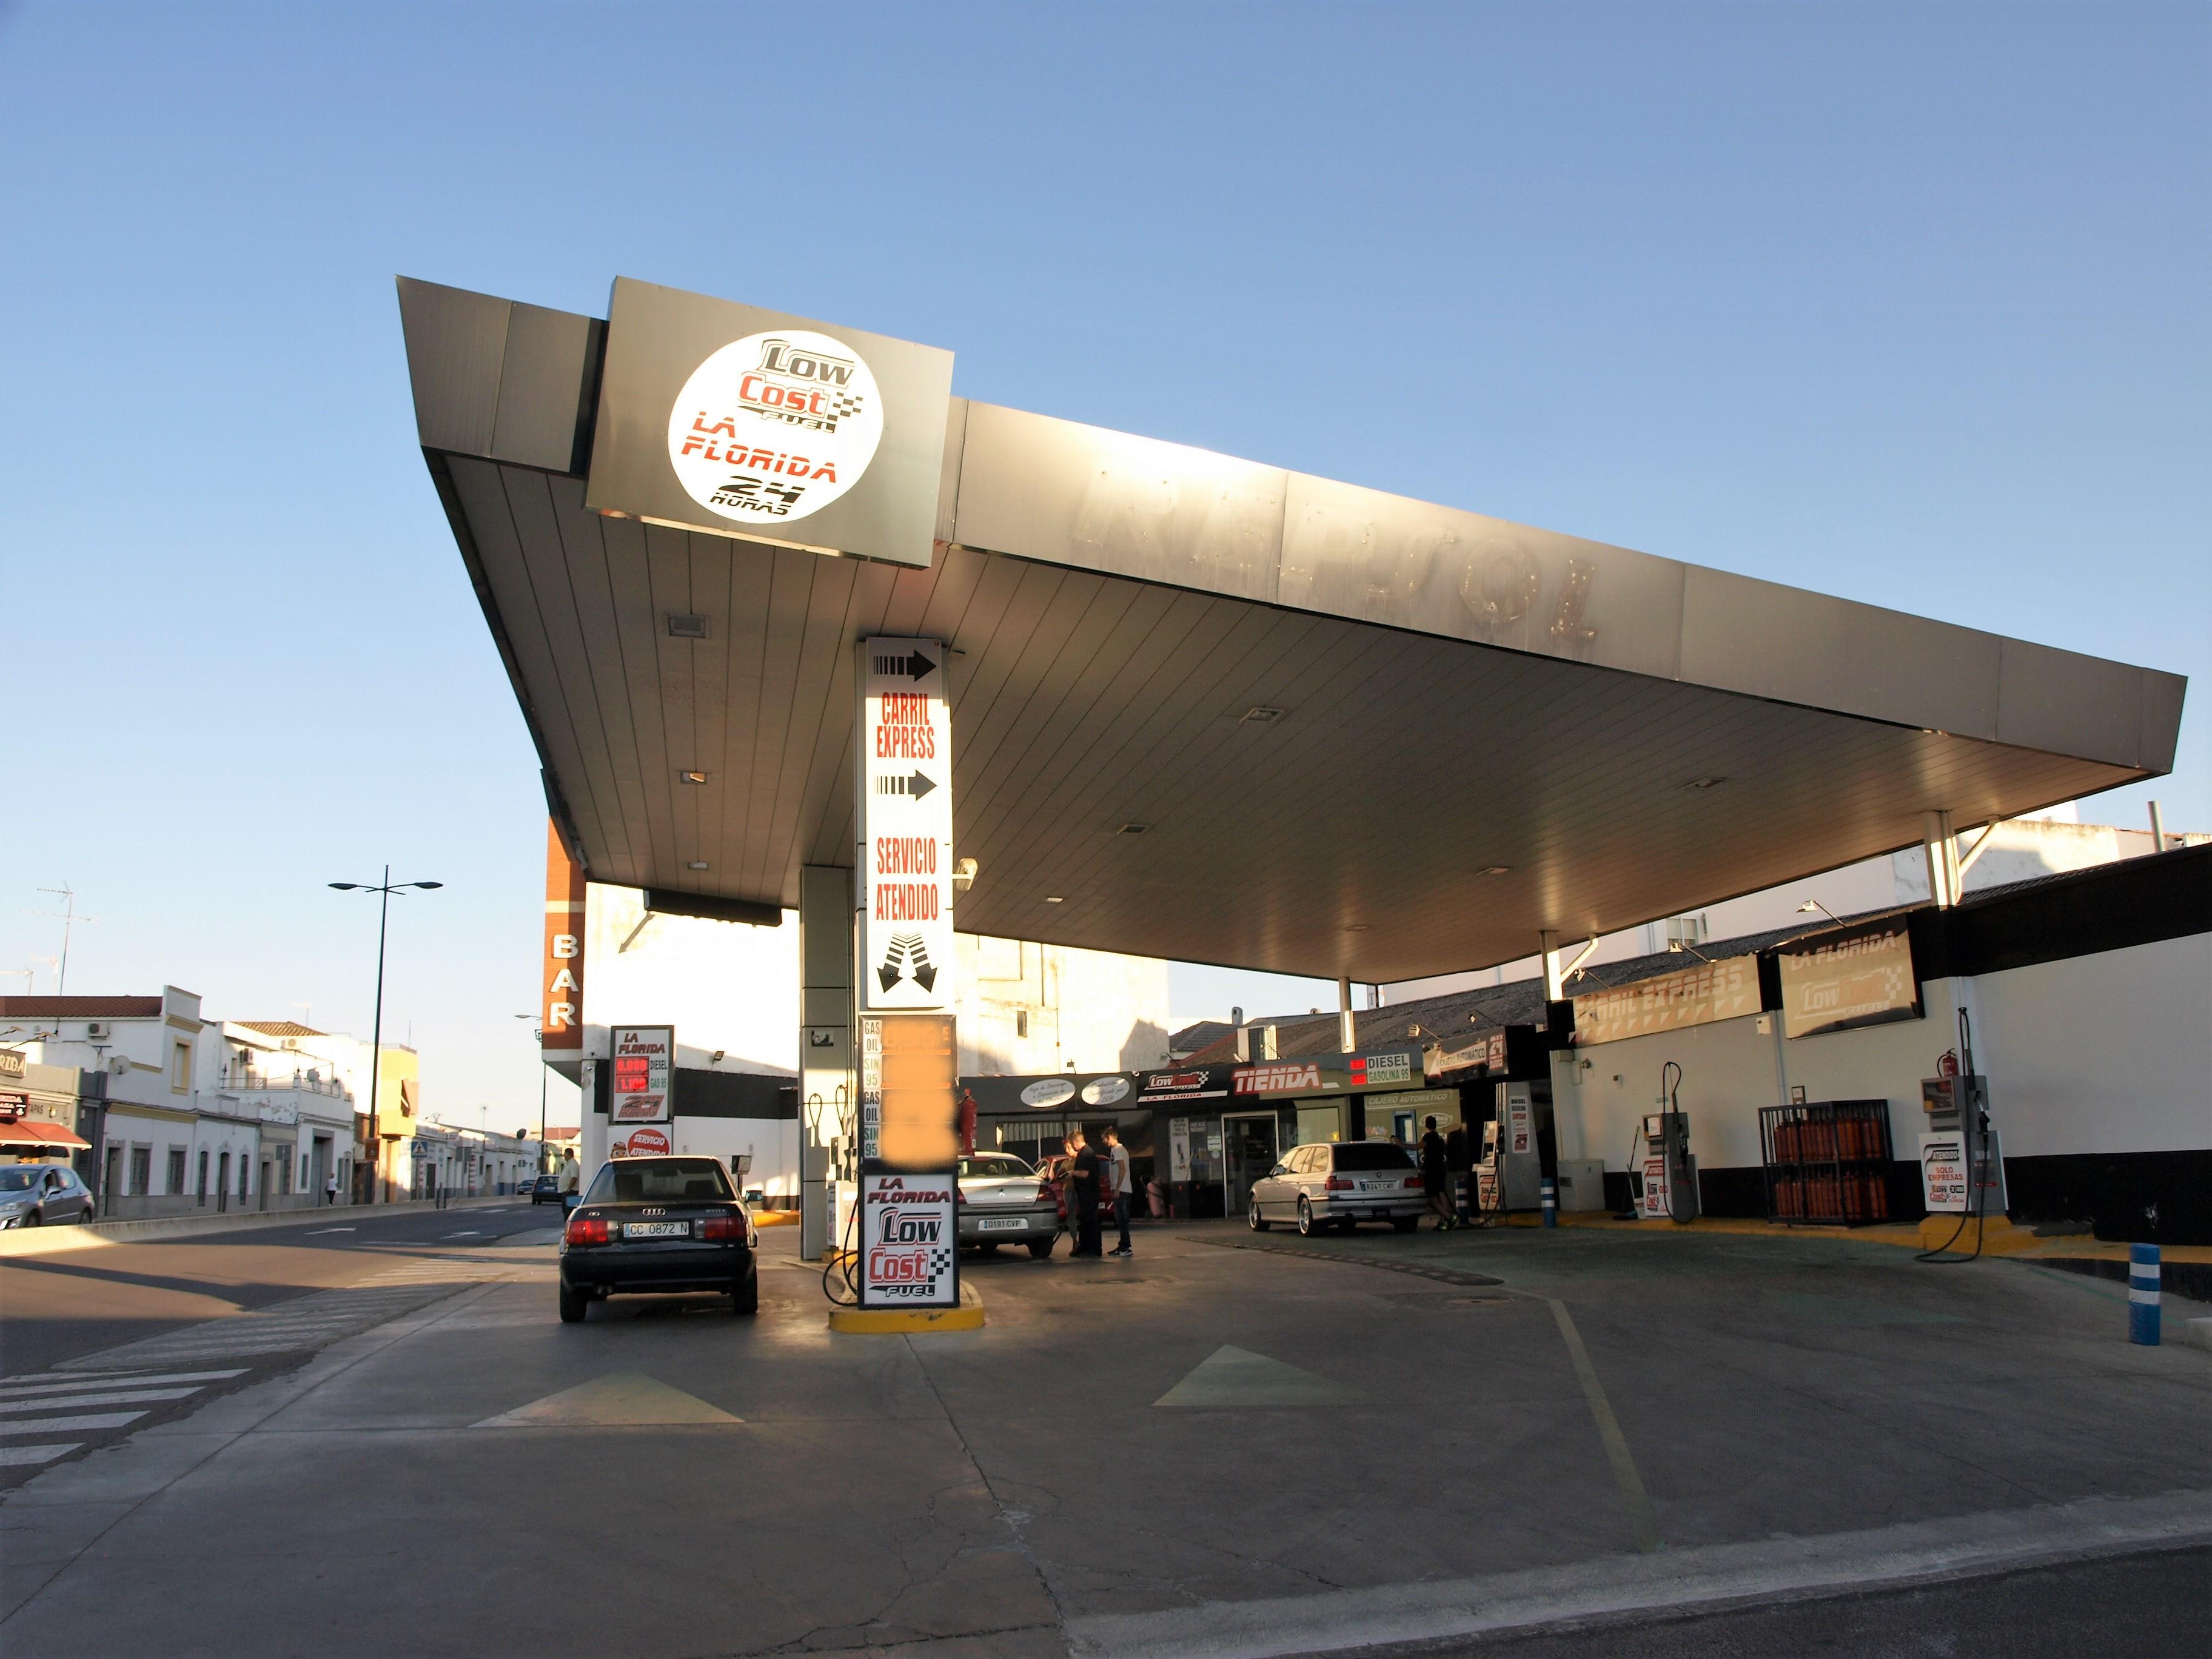 España Estación de servicio gasolinera 24H mas barata de Almendralejo Low Cost Fuel